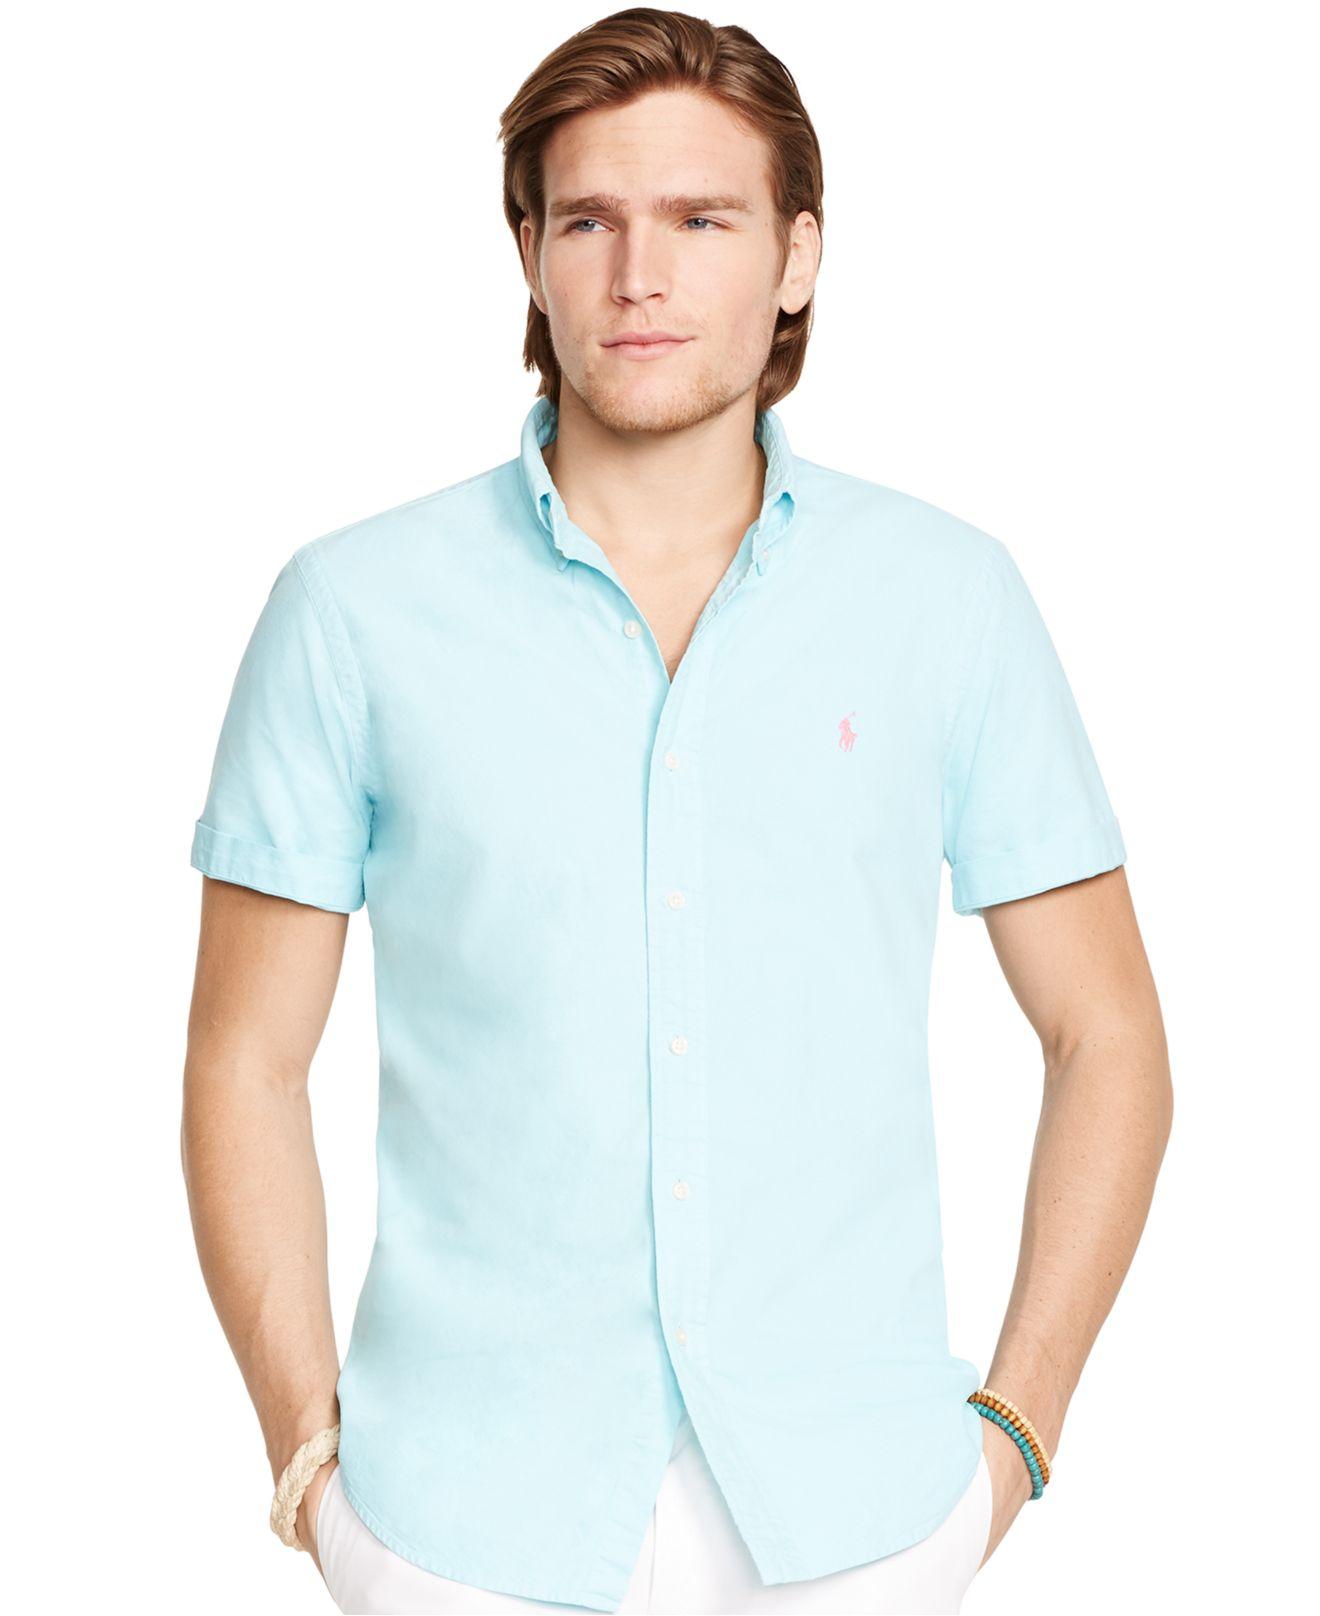 6dca305ebb71 Lyst - Polo Ralph Lauren Short-sleeved Oxford Shirt in Blue for Men